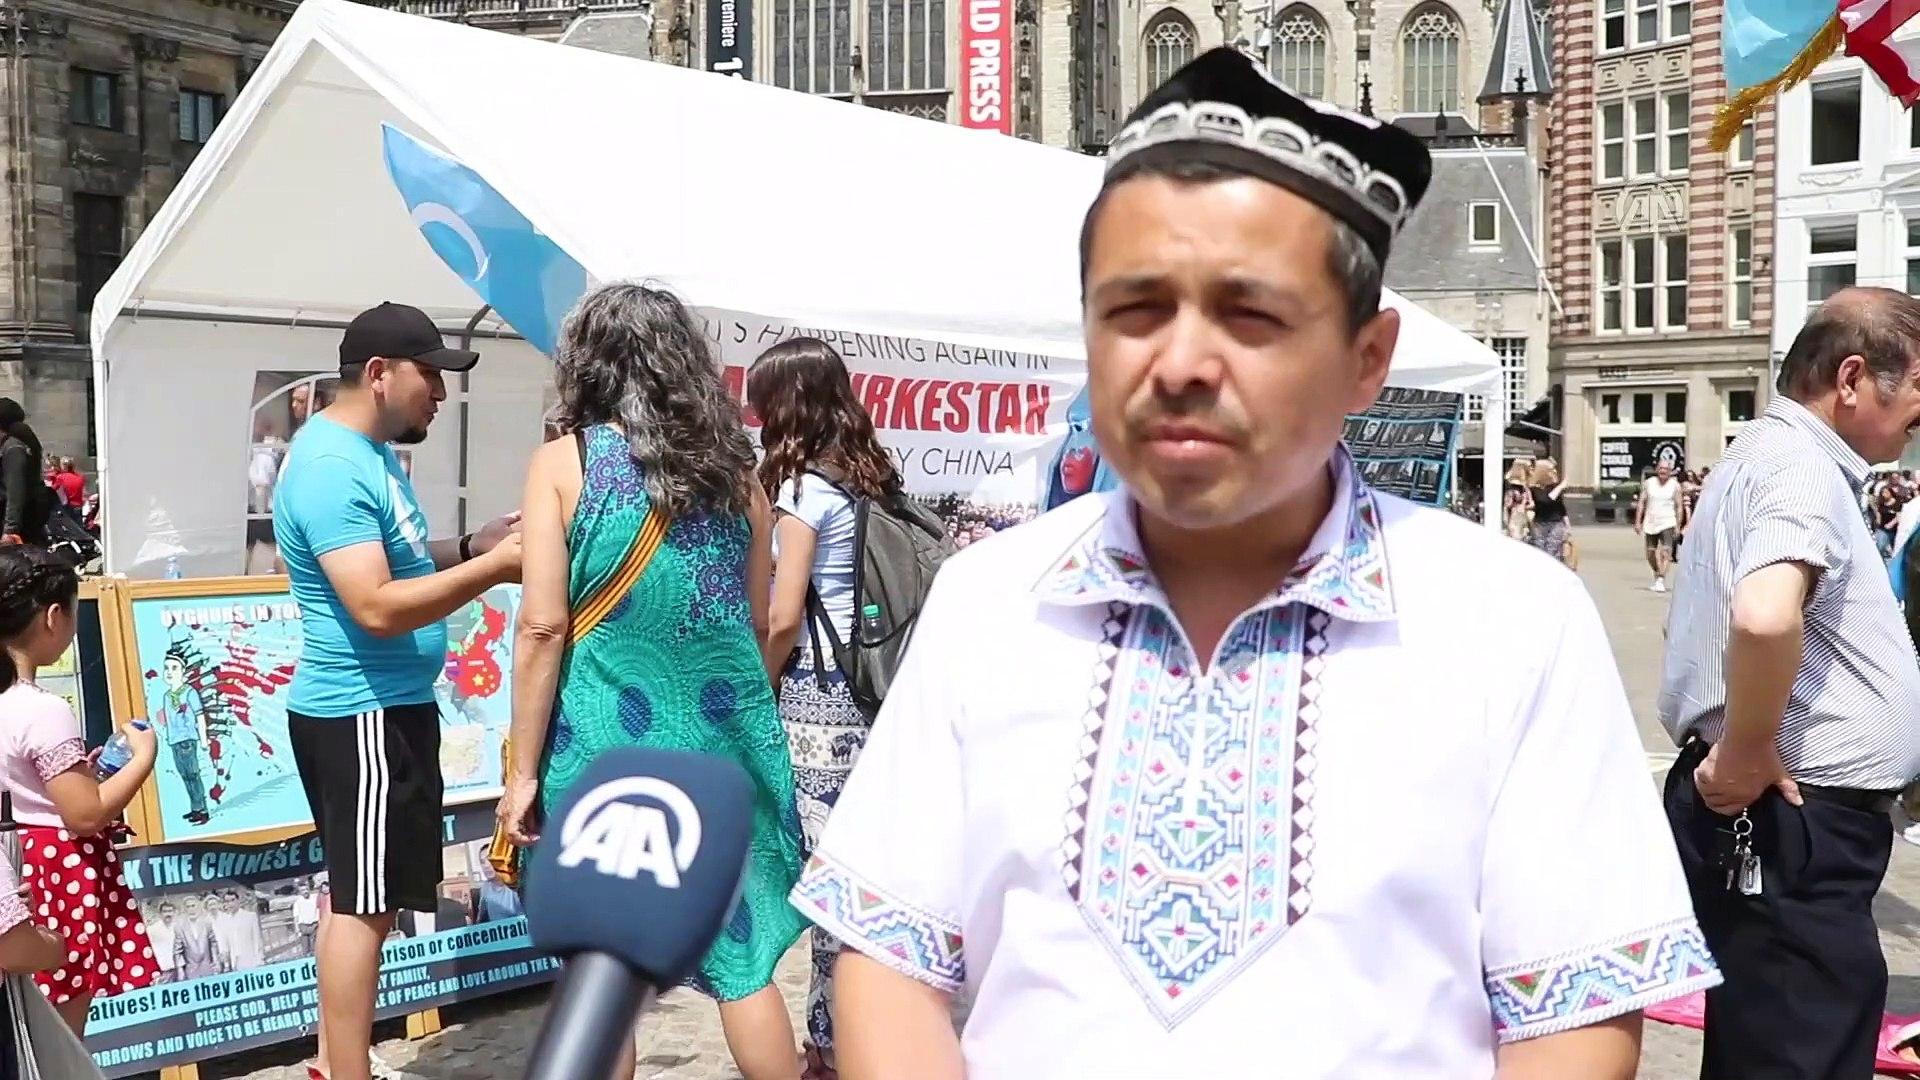 Çin'in Sincan'daki politikalarına karşı tek kişilik gösterisi - AMSTERDAM